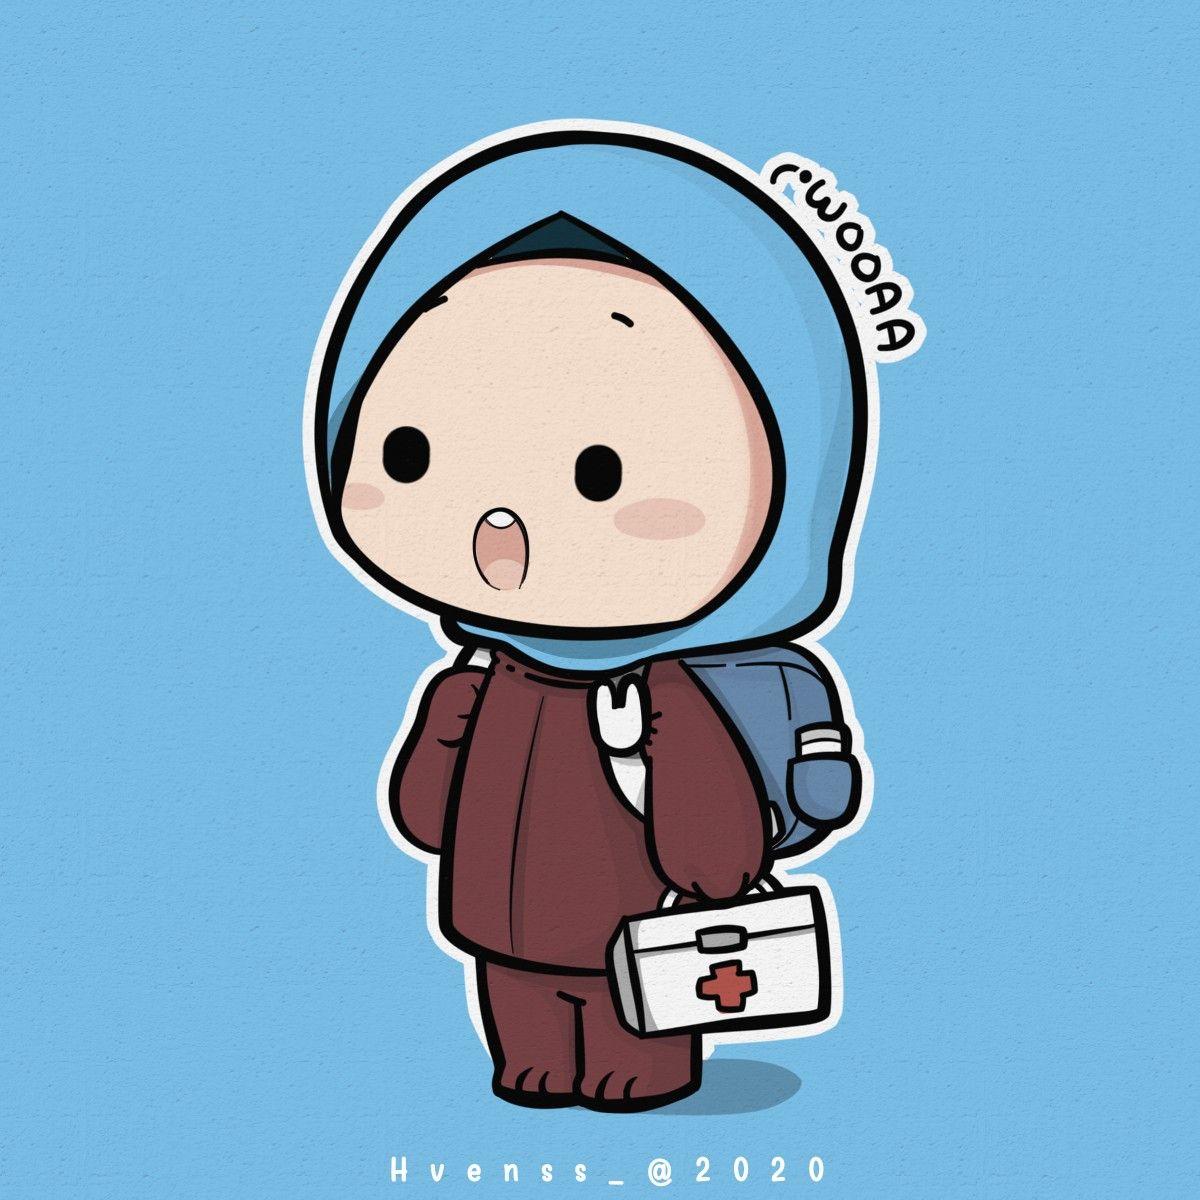 Woaaa Kartun Muslimah di 2020 Kartun, Ilustrasi